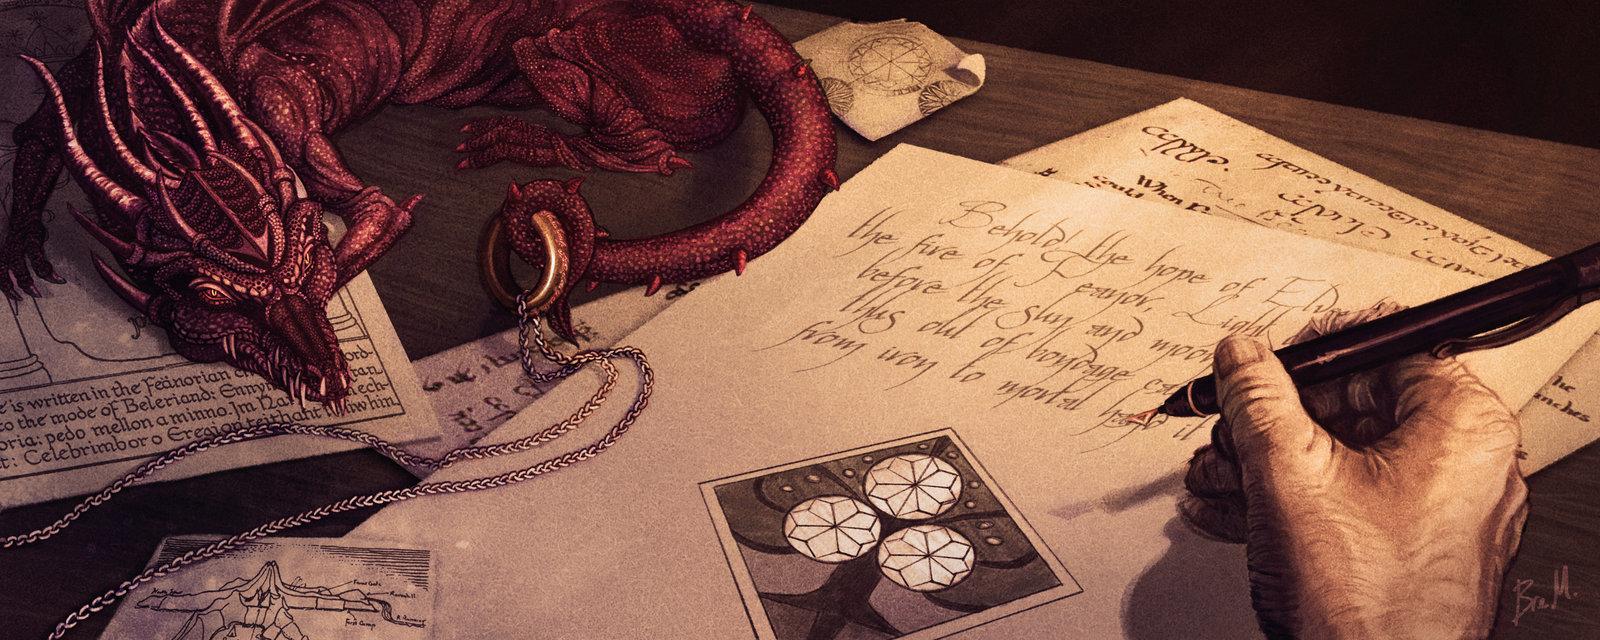 Ainunlindalë de J.R.R. Tolkien | Noviembre Nocturno 6